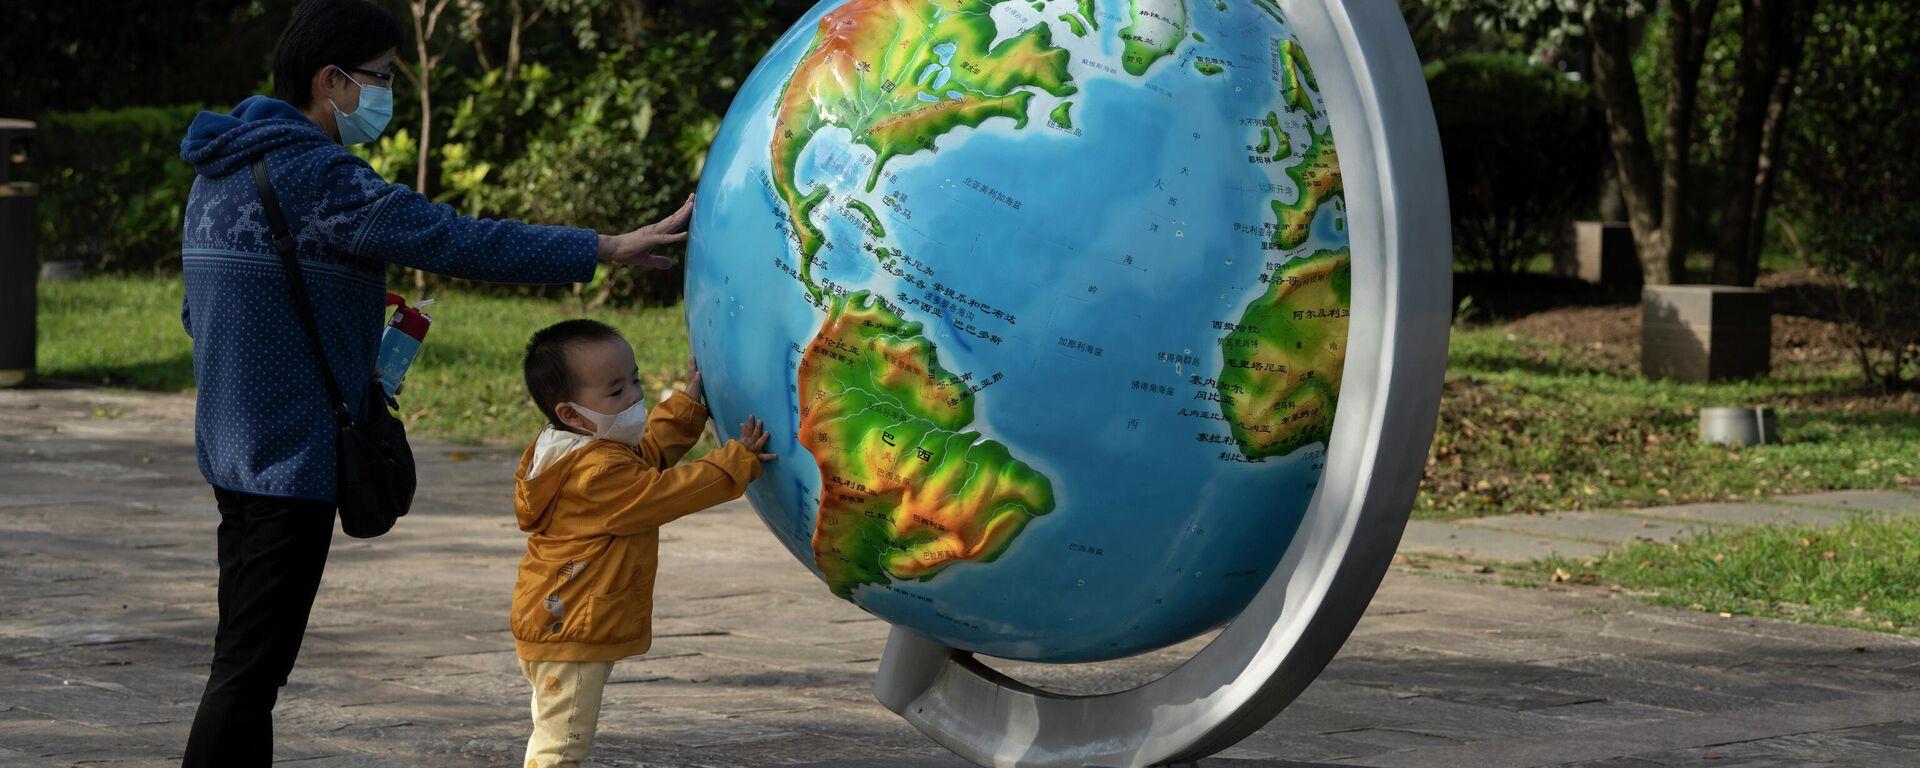 Женщина с ребенком у глобуса в парке в Ухани, Китай - Sputnik Латвия, 1920, 31.08.2021